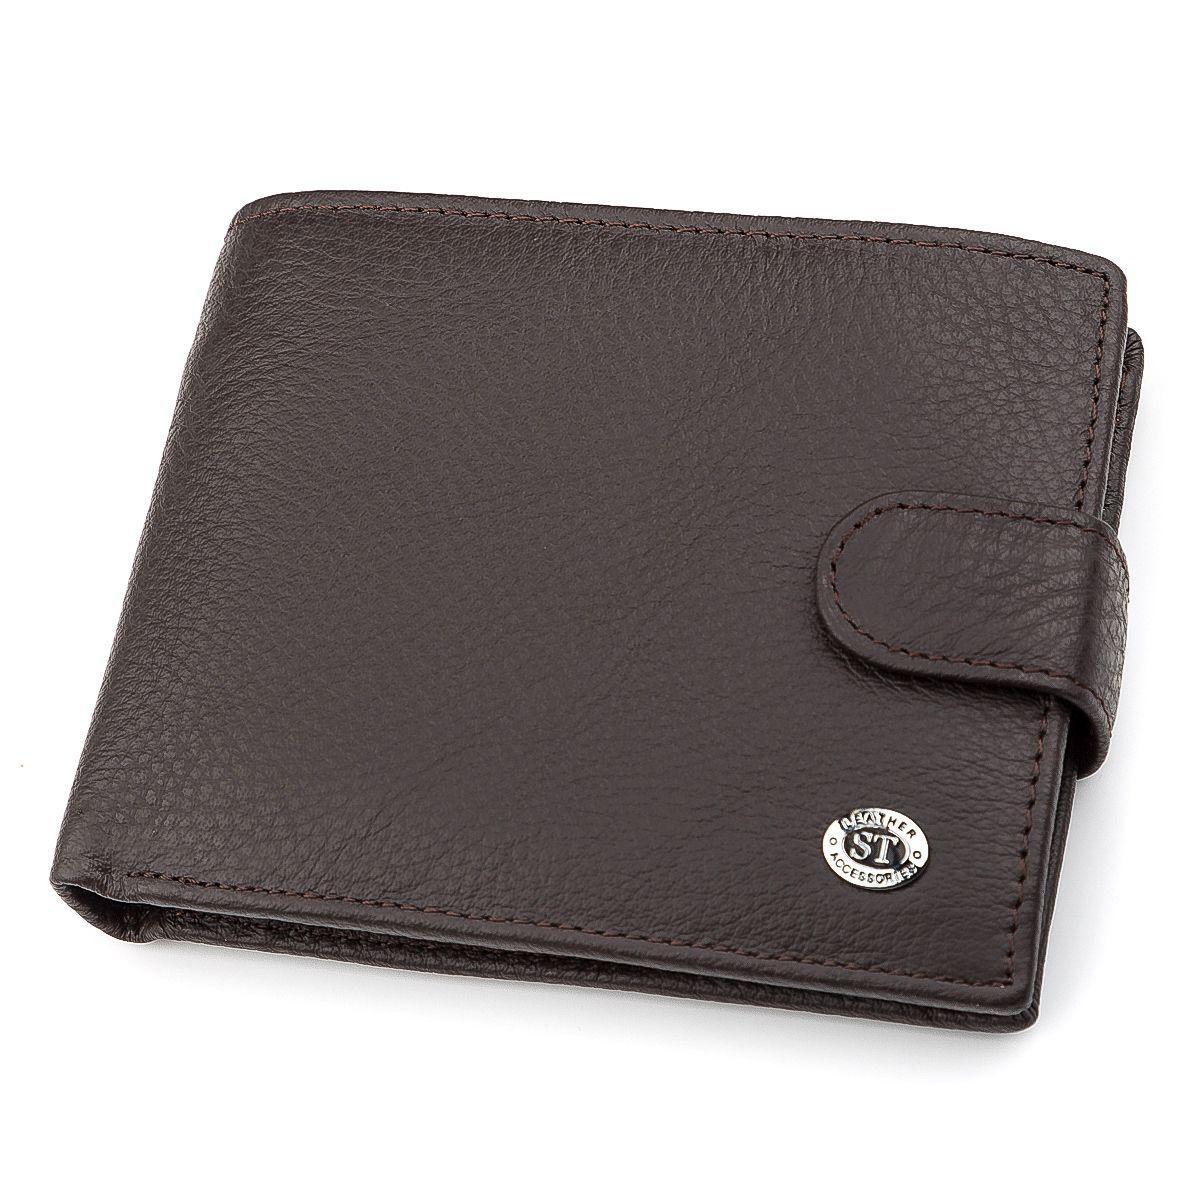 Мужской кошелек ST Leather 18330 (ST137) очень вместительный Коричневый, Коричневый